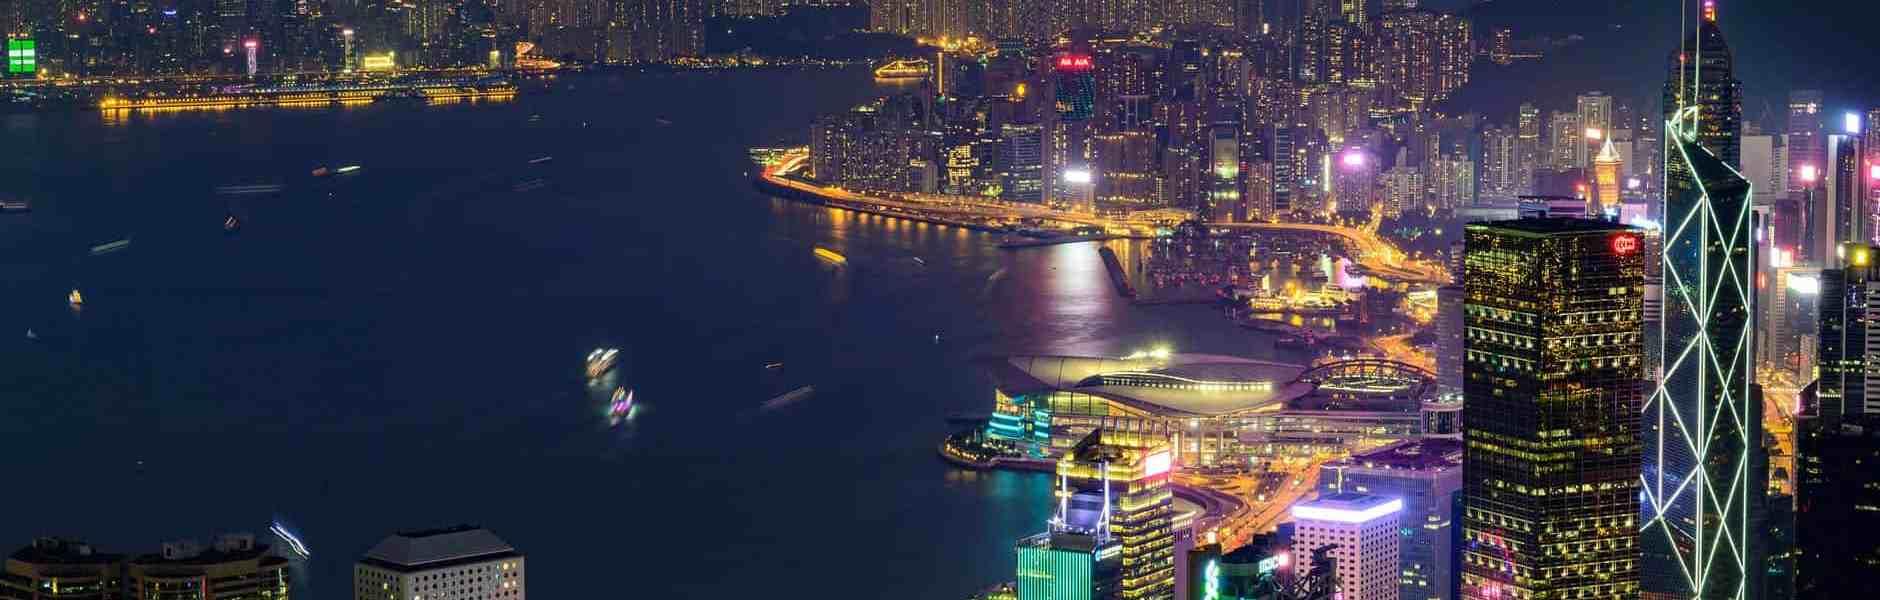 photo of hong kong skyline at night